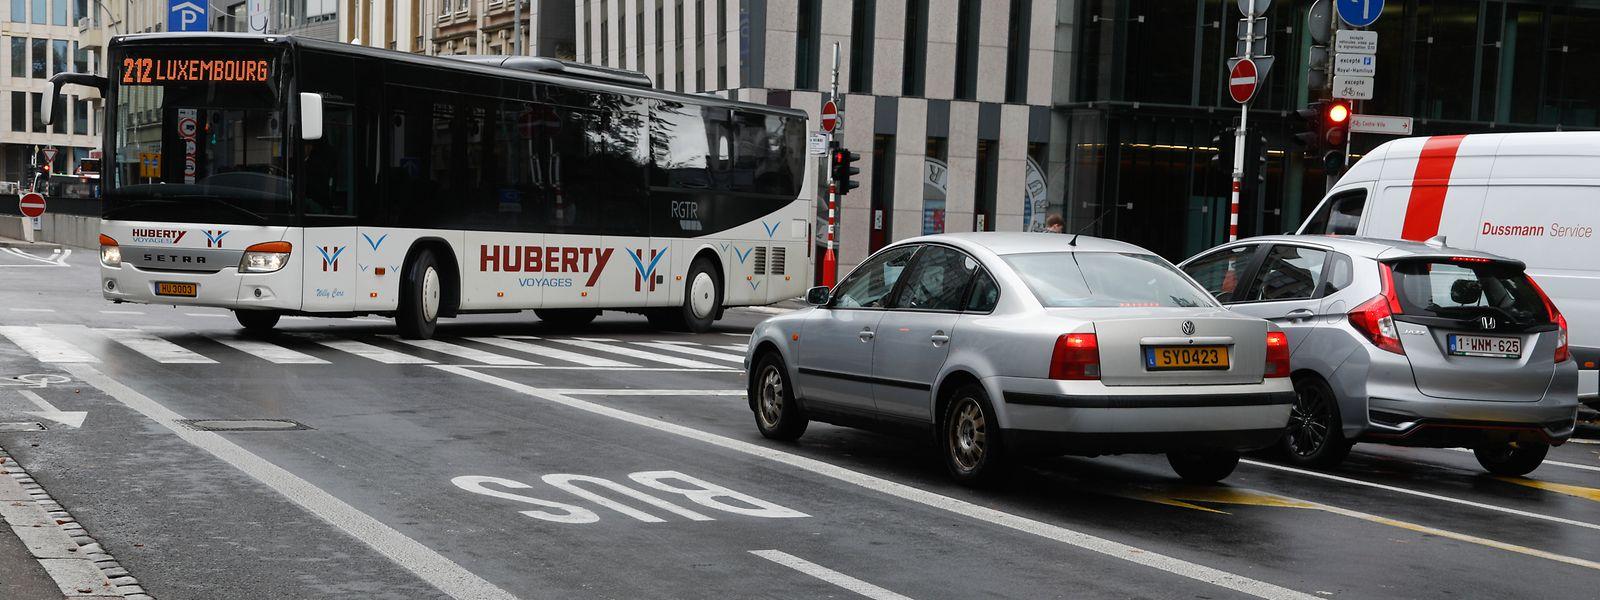 Mithilfe der Busfahrbahn sollen die sperrigen Fahrzeuge besser durch den Verkehr gelangen können.